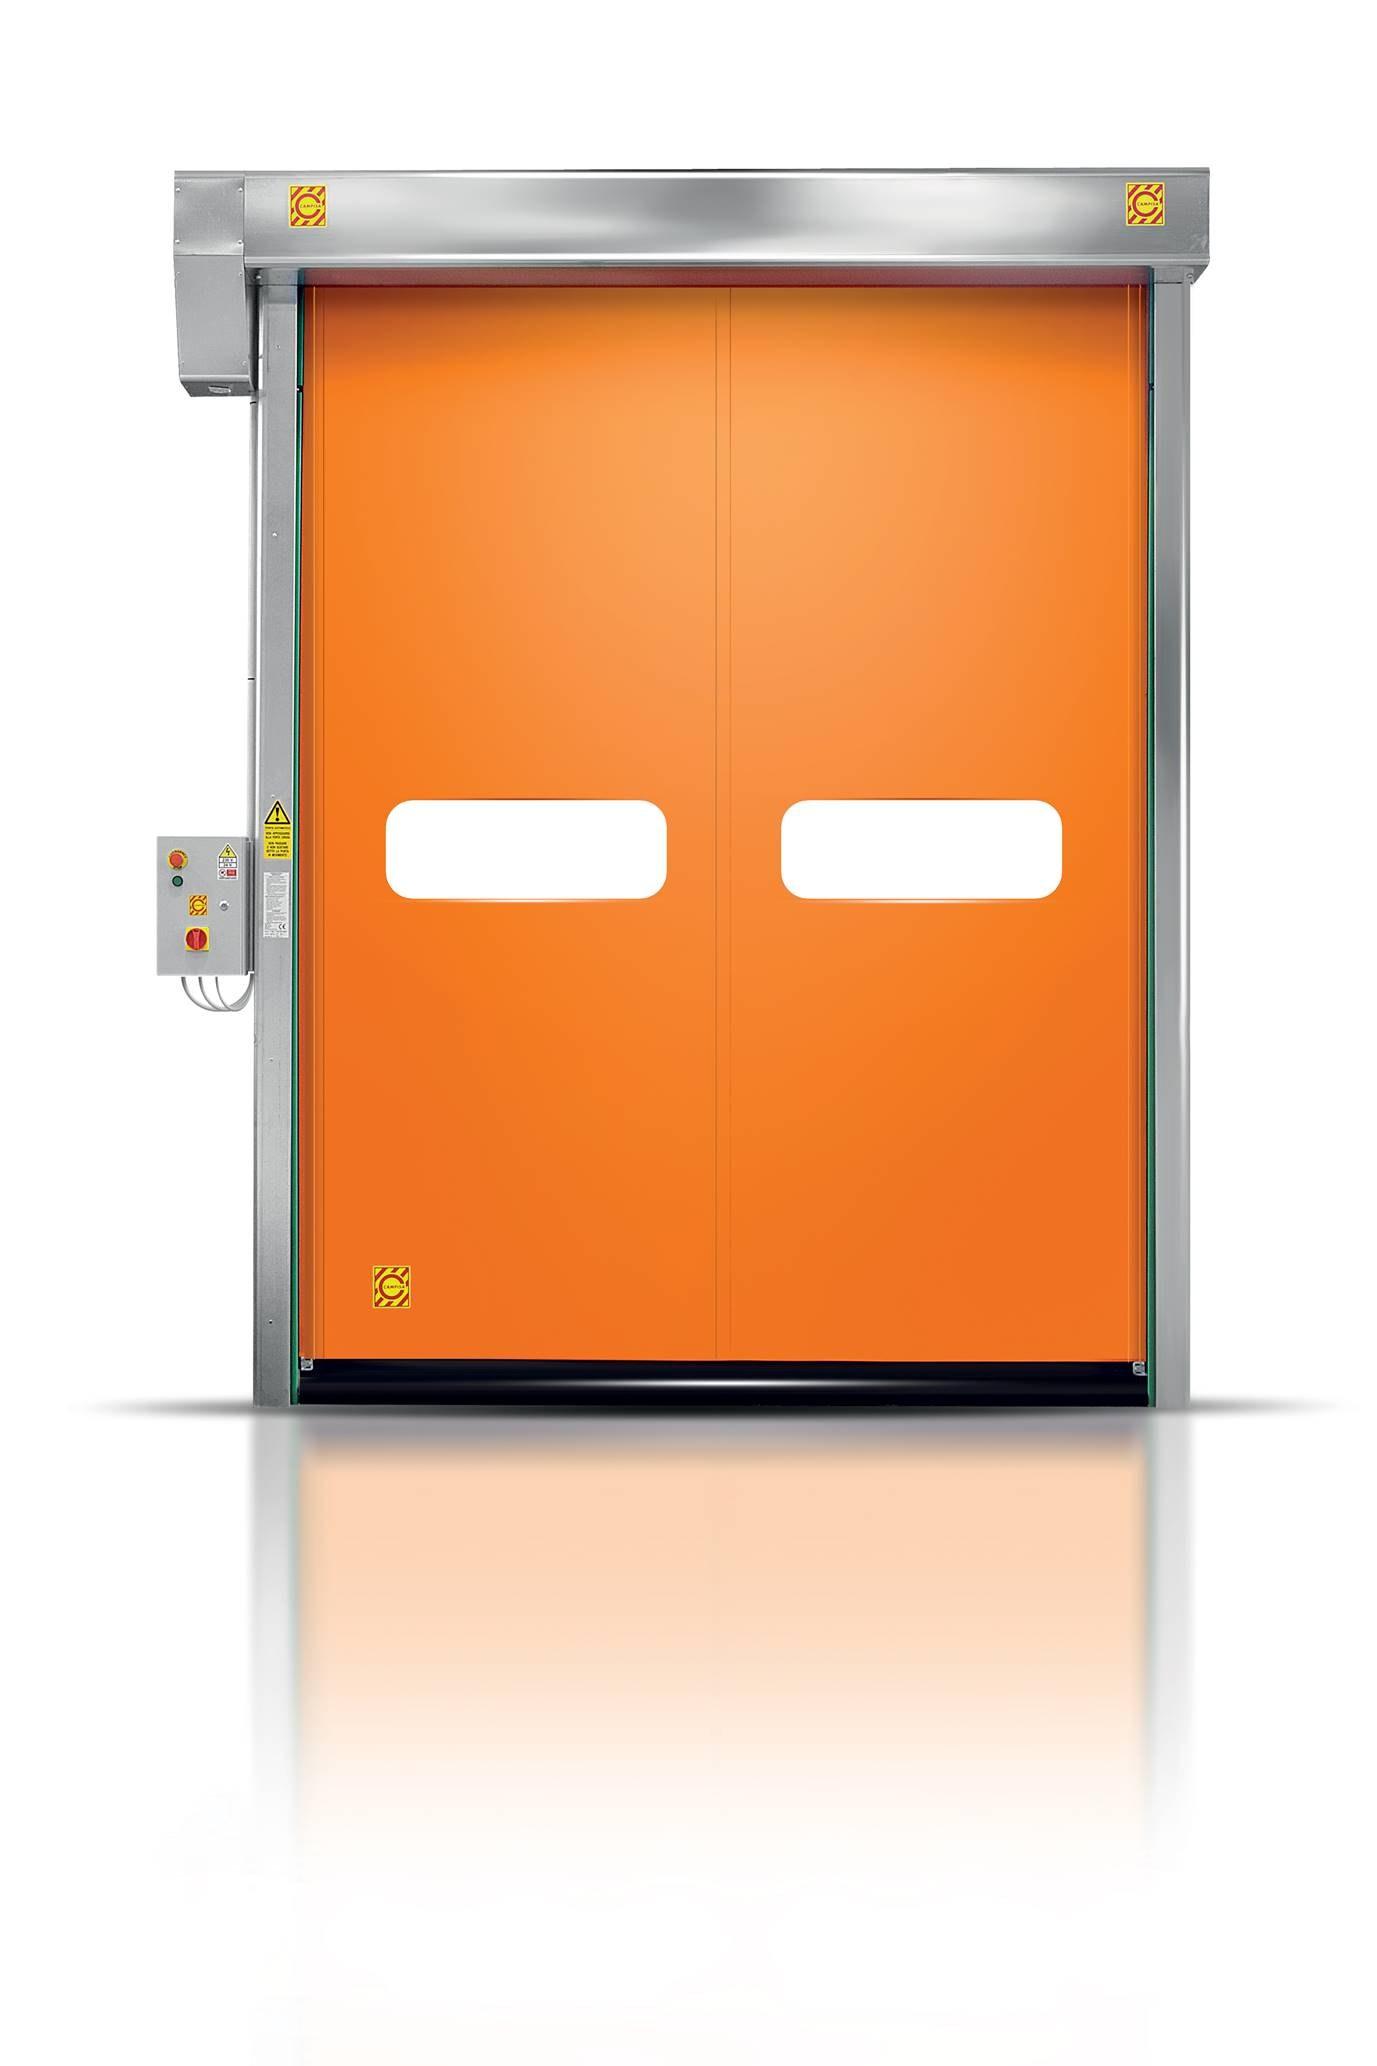 Промышленные скоростные гибкие ворота Campisa Avantgarde в Саратове - купить Промышленные скоростные гибкие ворота Campisa Avantgarde в Саратове прайс-лист цена 2021